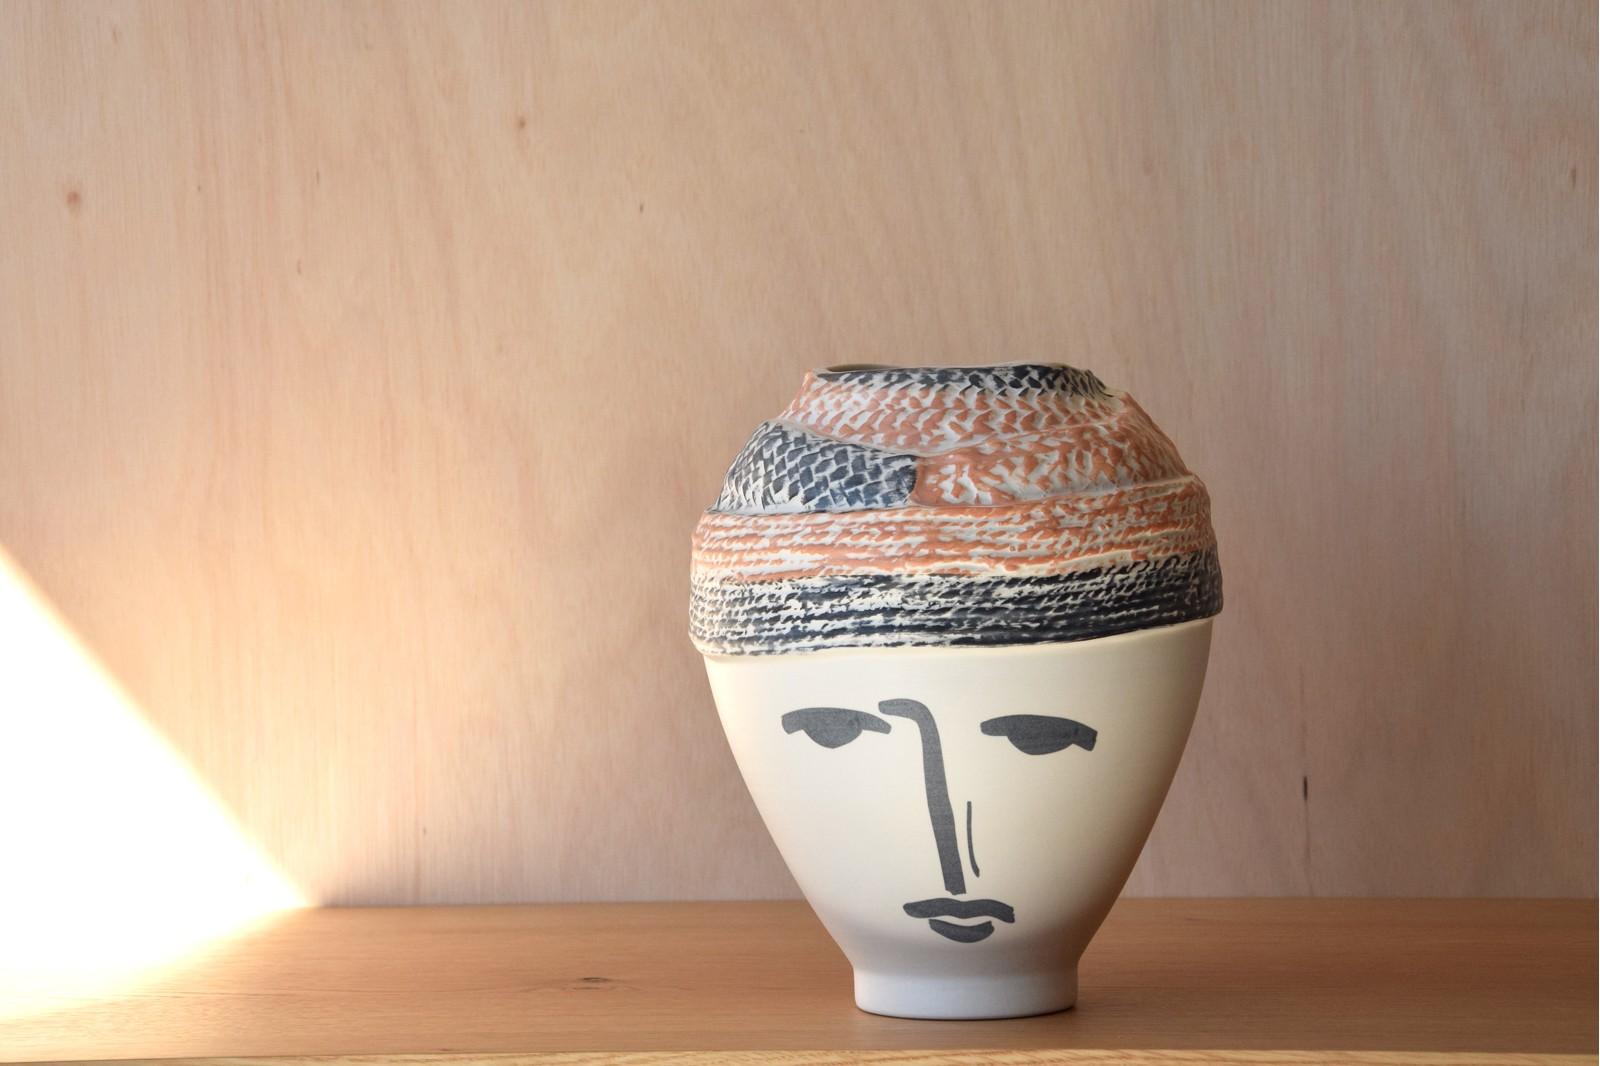 GRETA COLLECTION: VASES CERAMIC HEADS